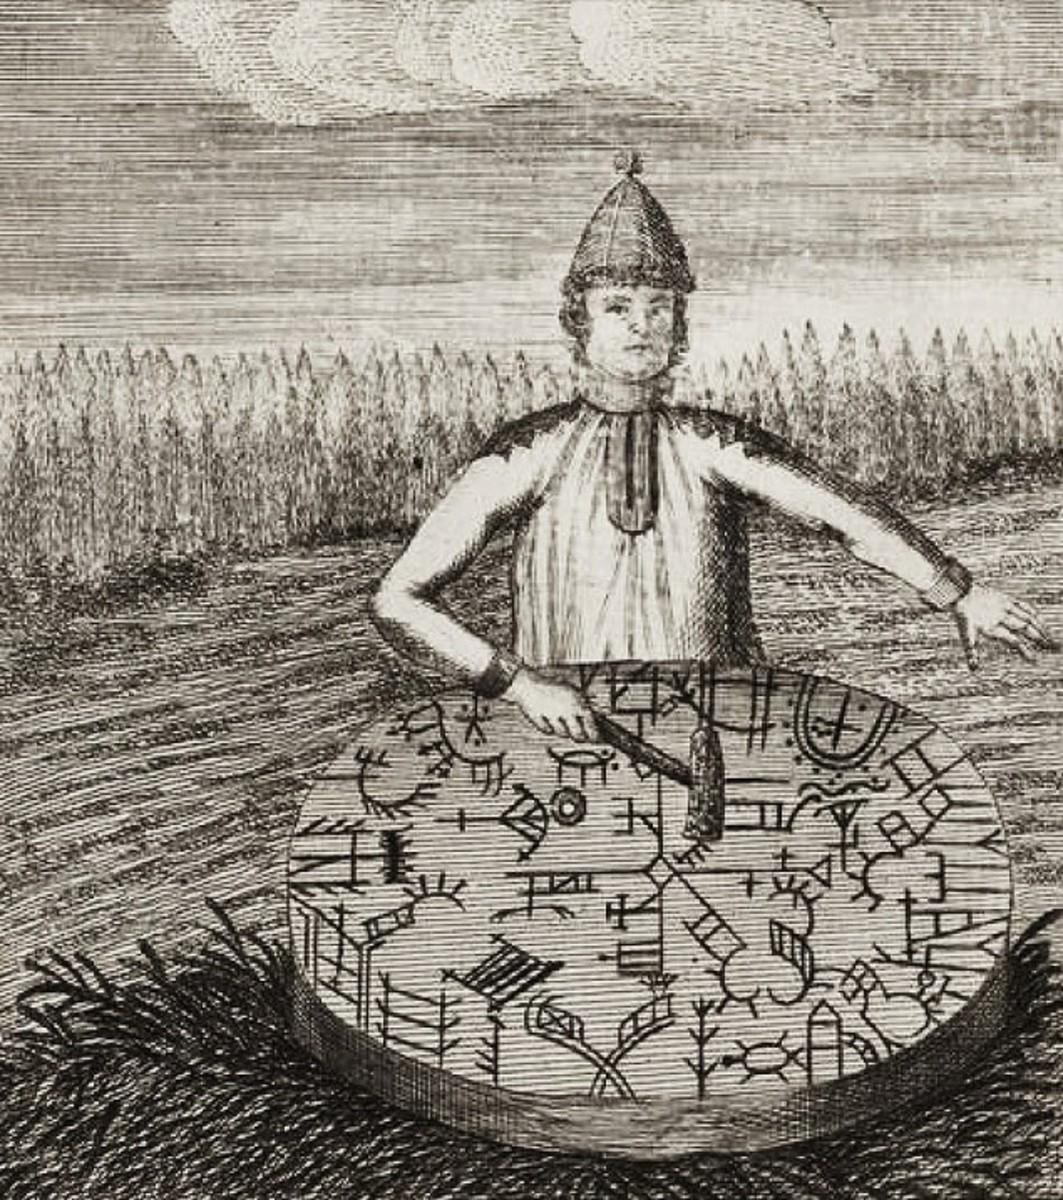 A European Saami shaman with his drum